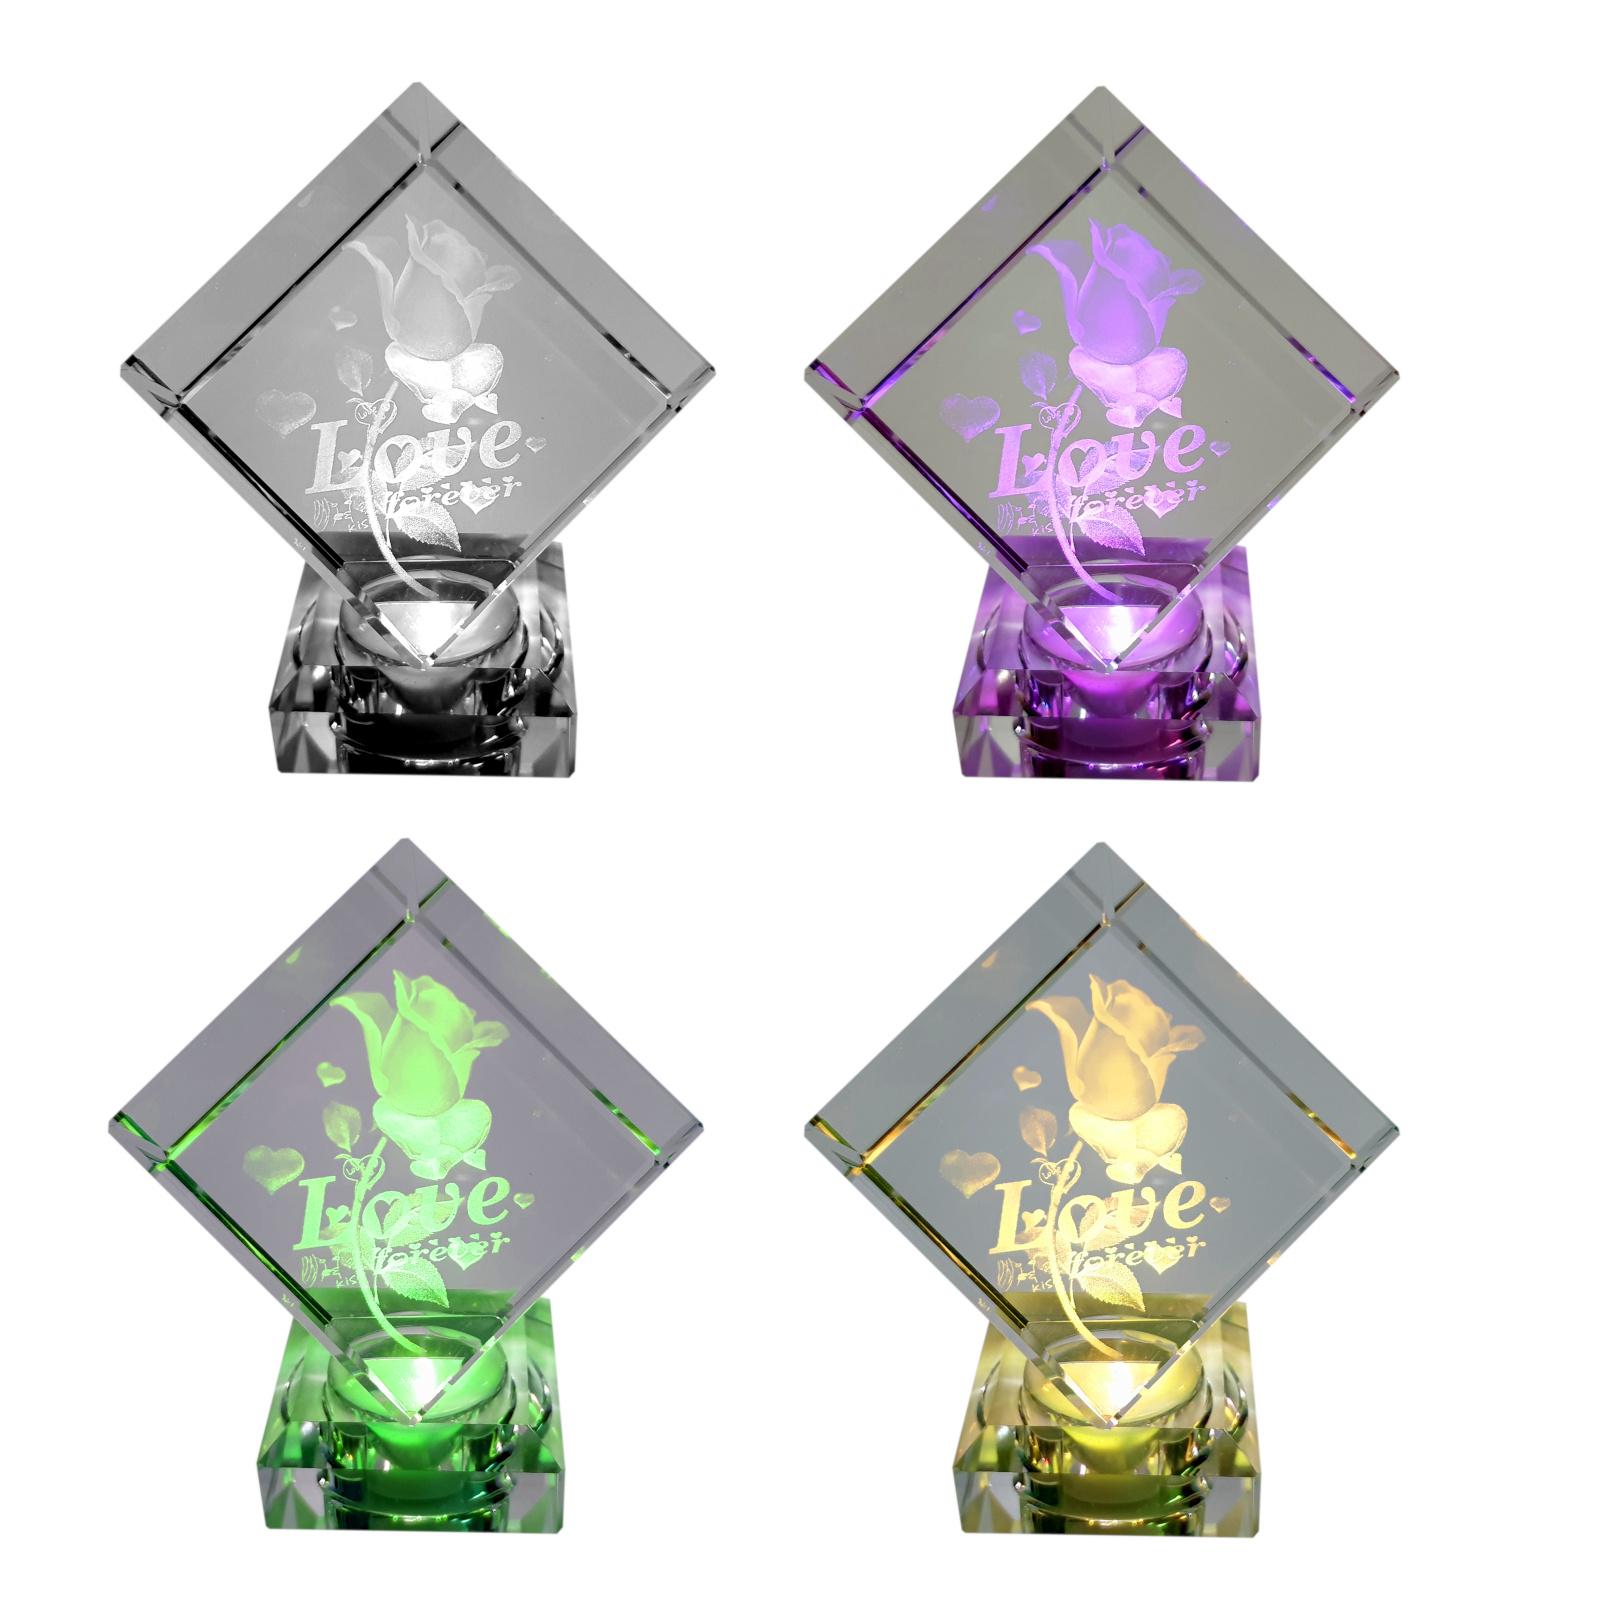 Kristallfigur Liebe Love Partner Rose Personalisierung Glaskristall 3D Geschenk